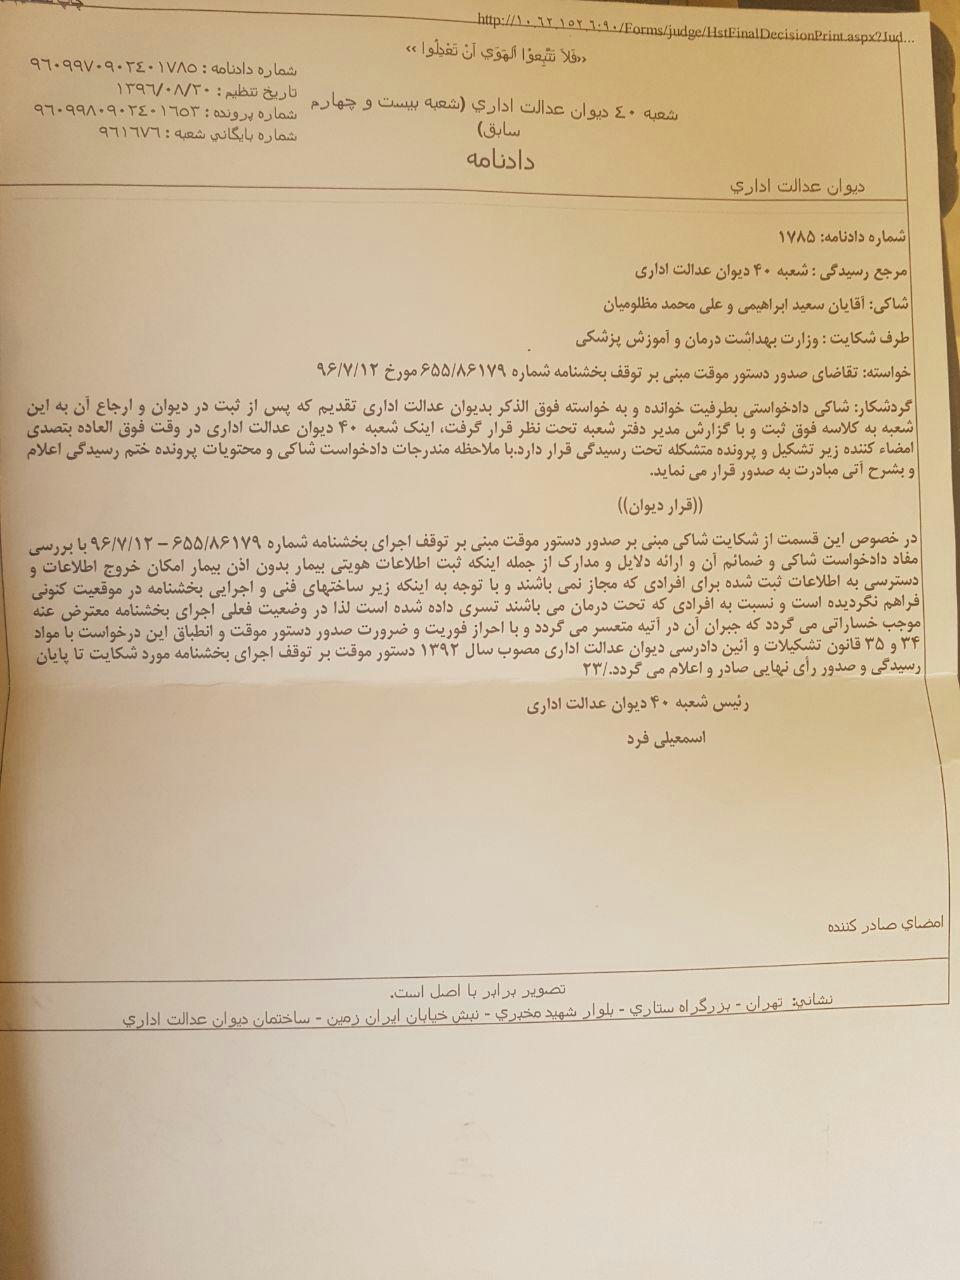 دیوان عدالت اداری دستور توقف فعالیت سامانه آیداتیس را صادر کرد + سند